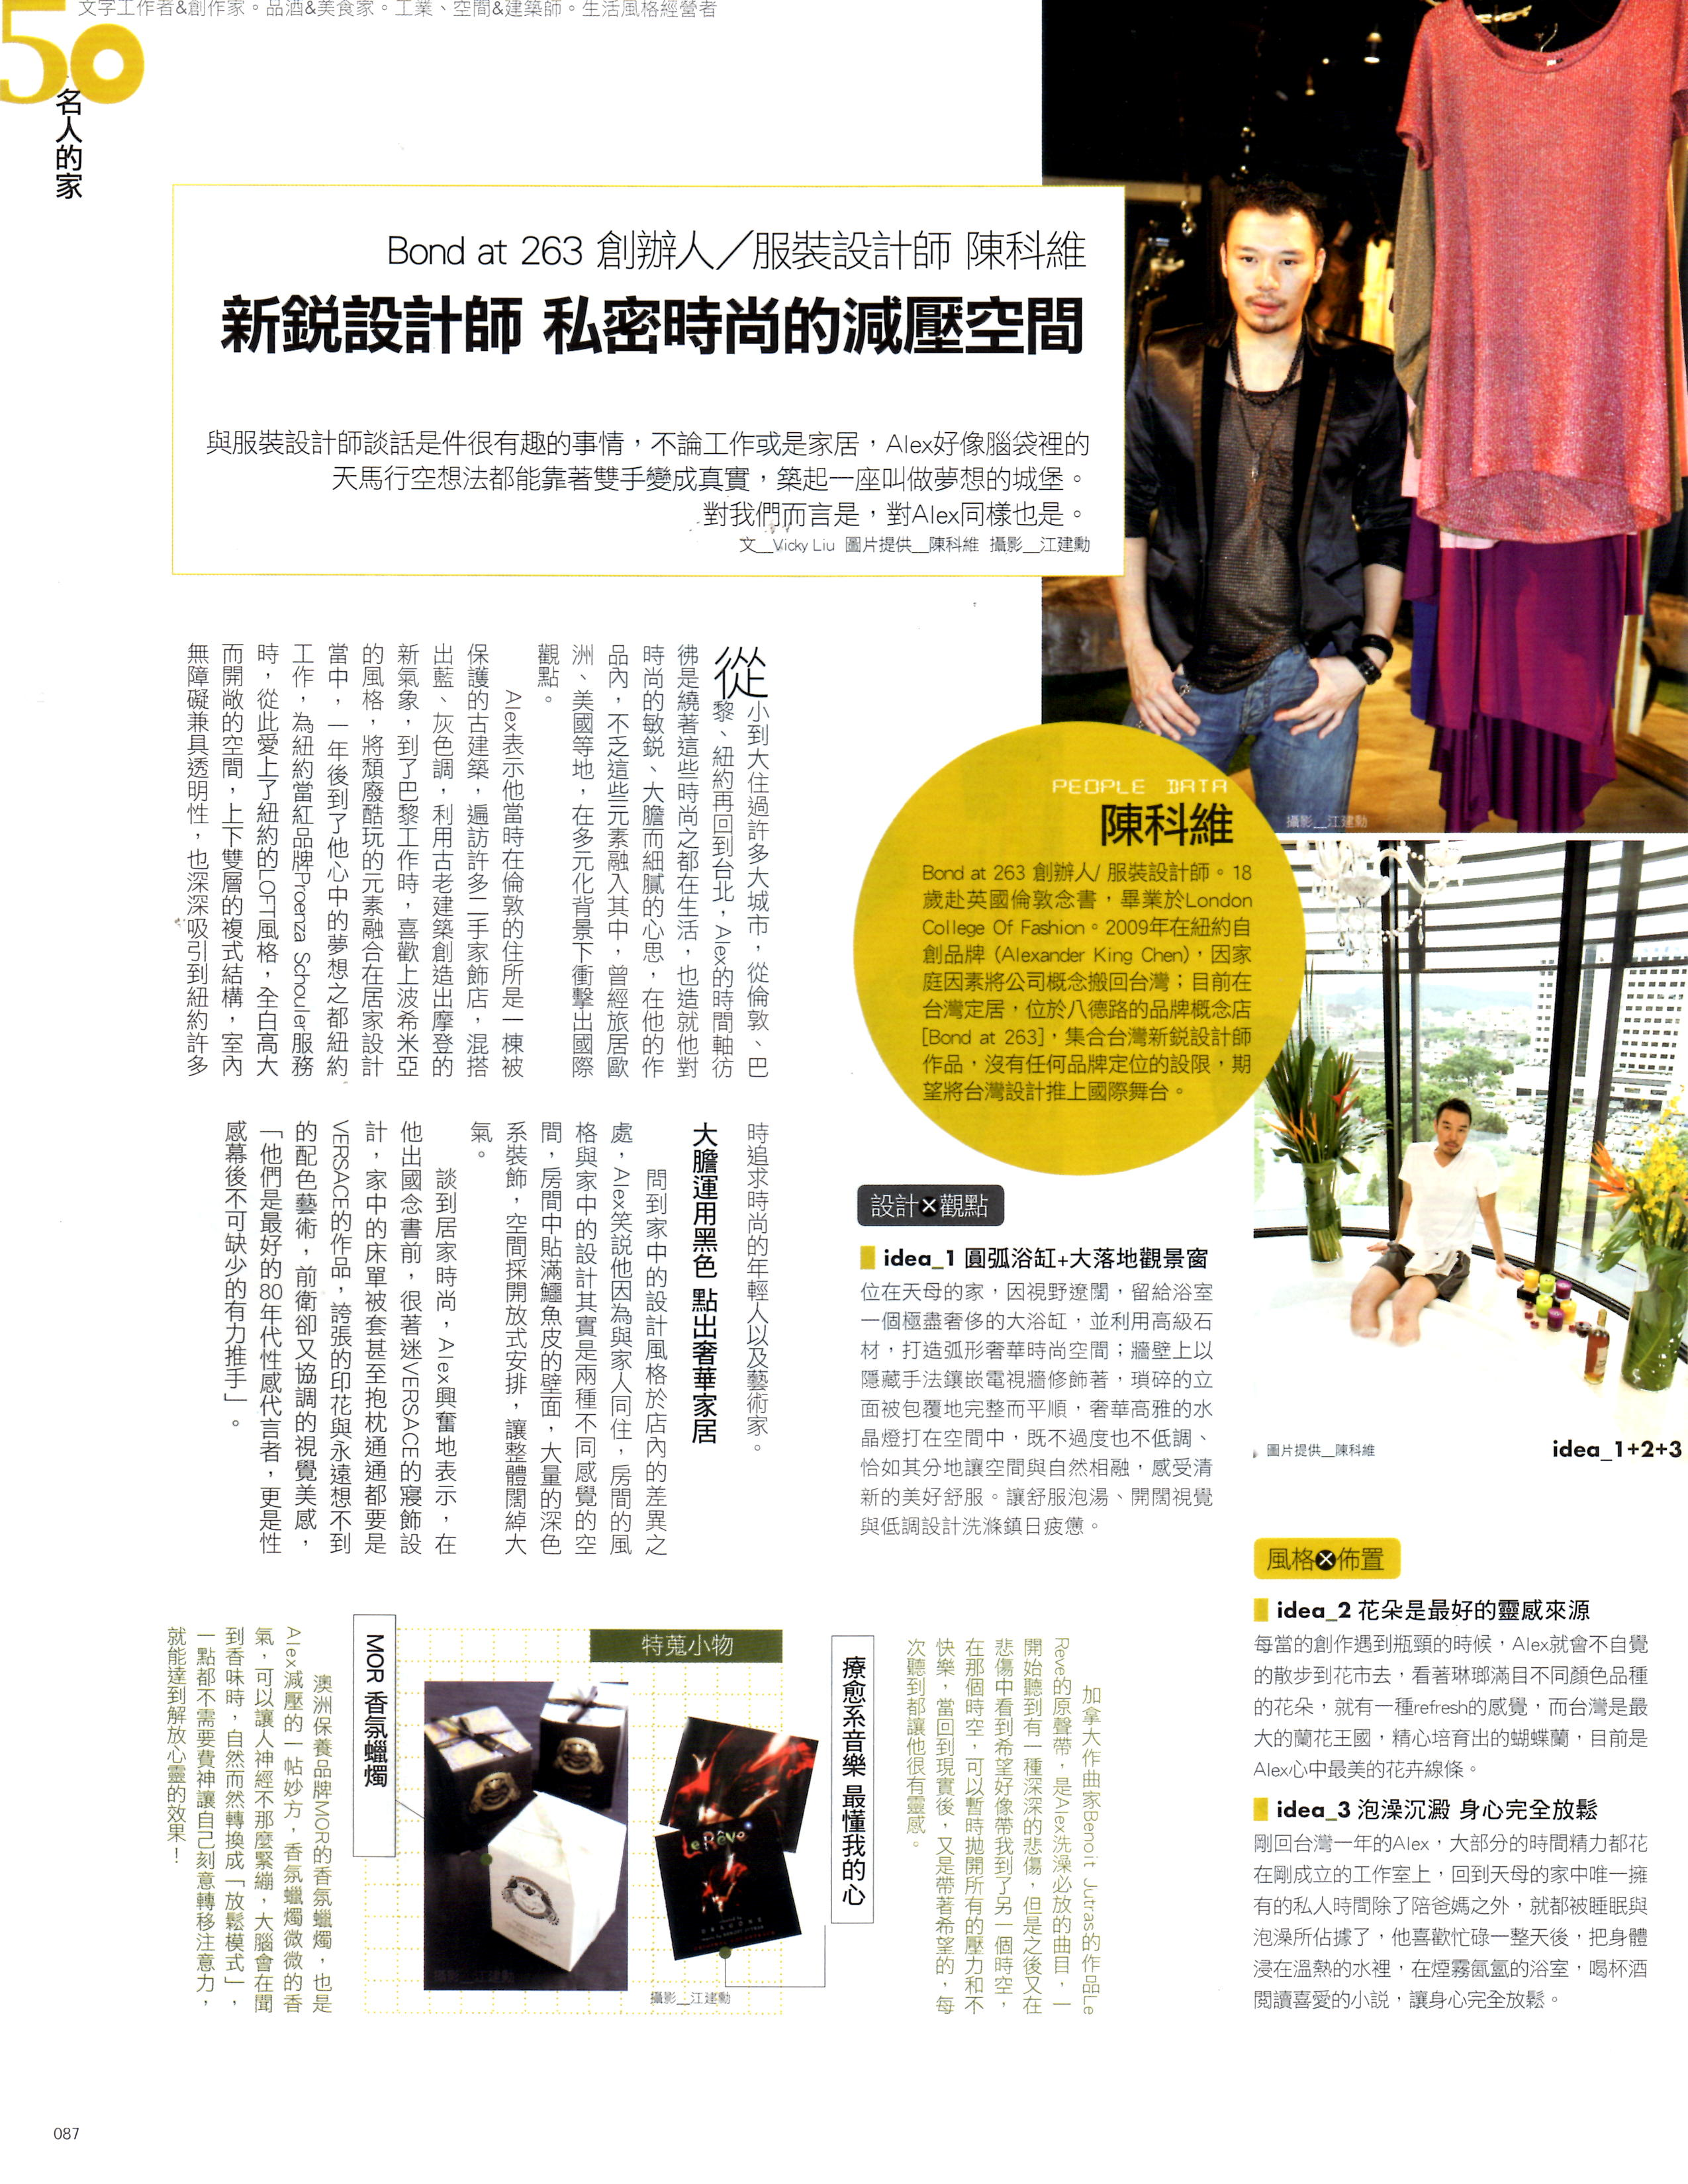 漂亮家居 Aug 2010 NO.114 P.87